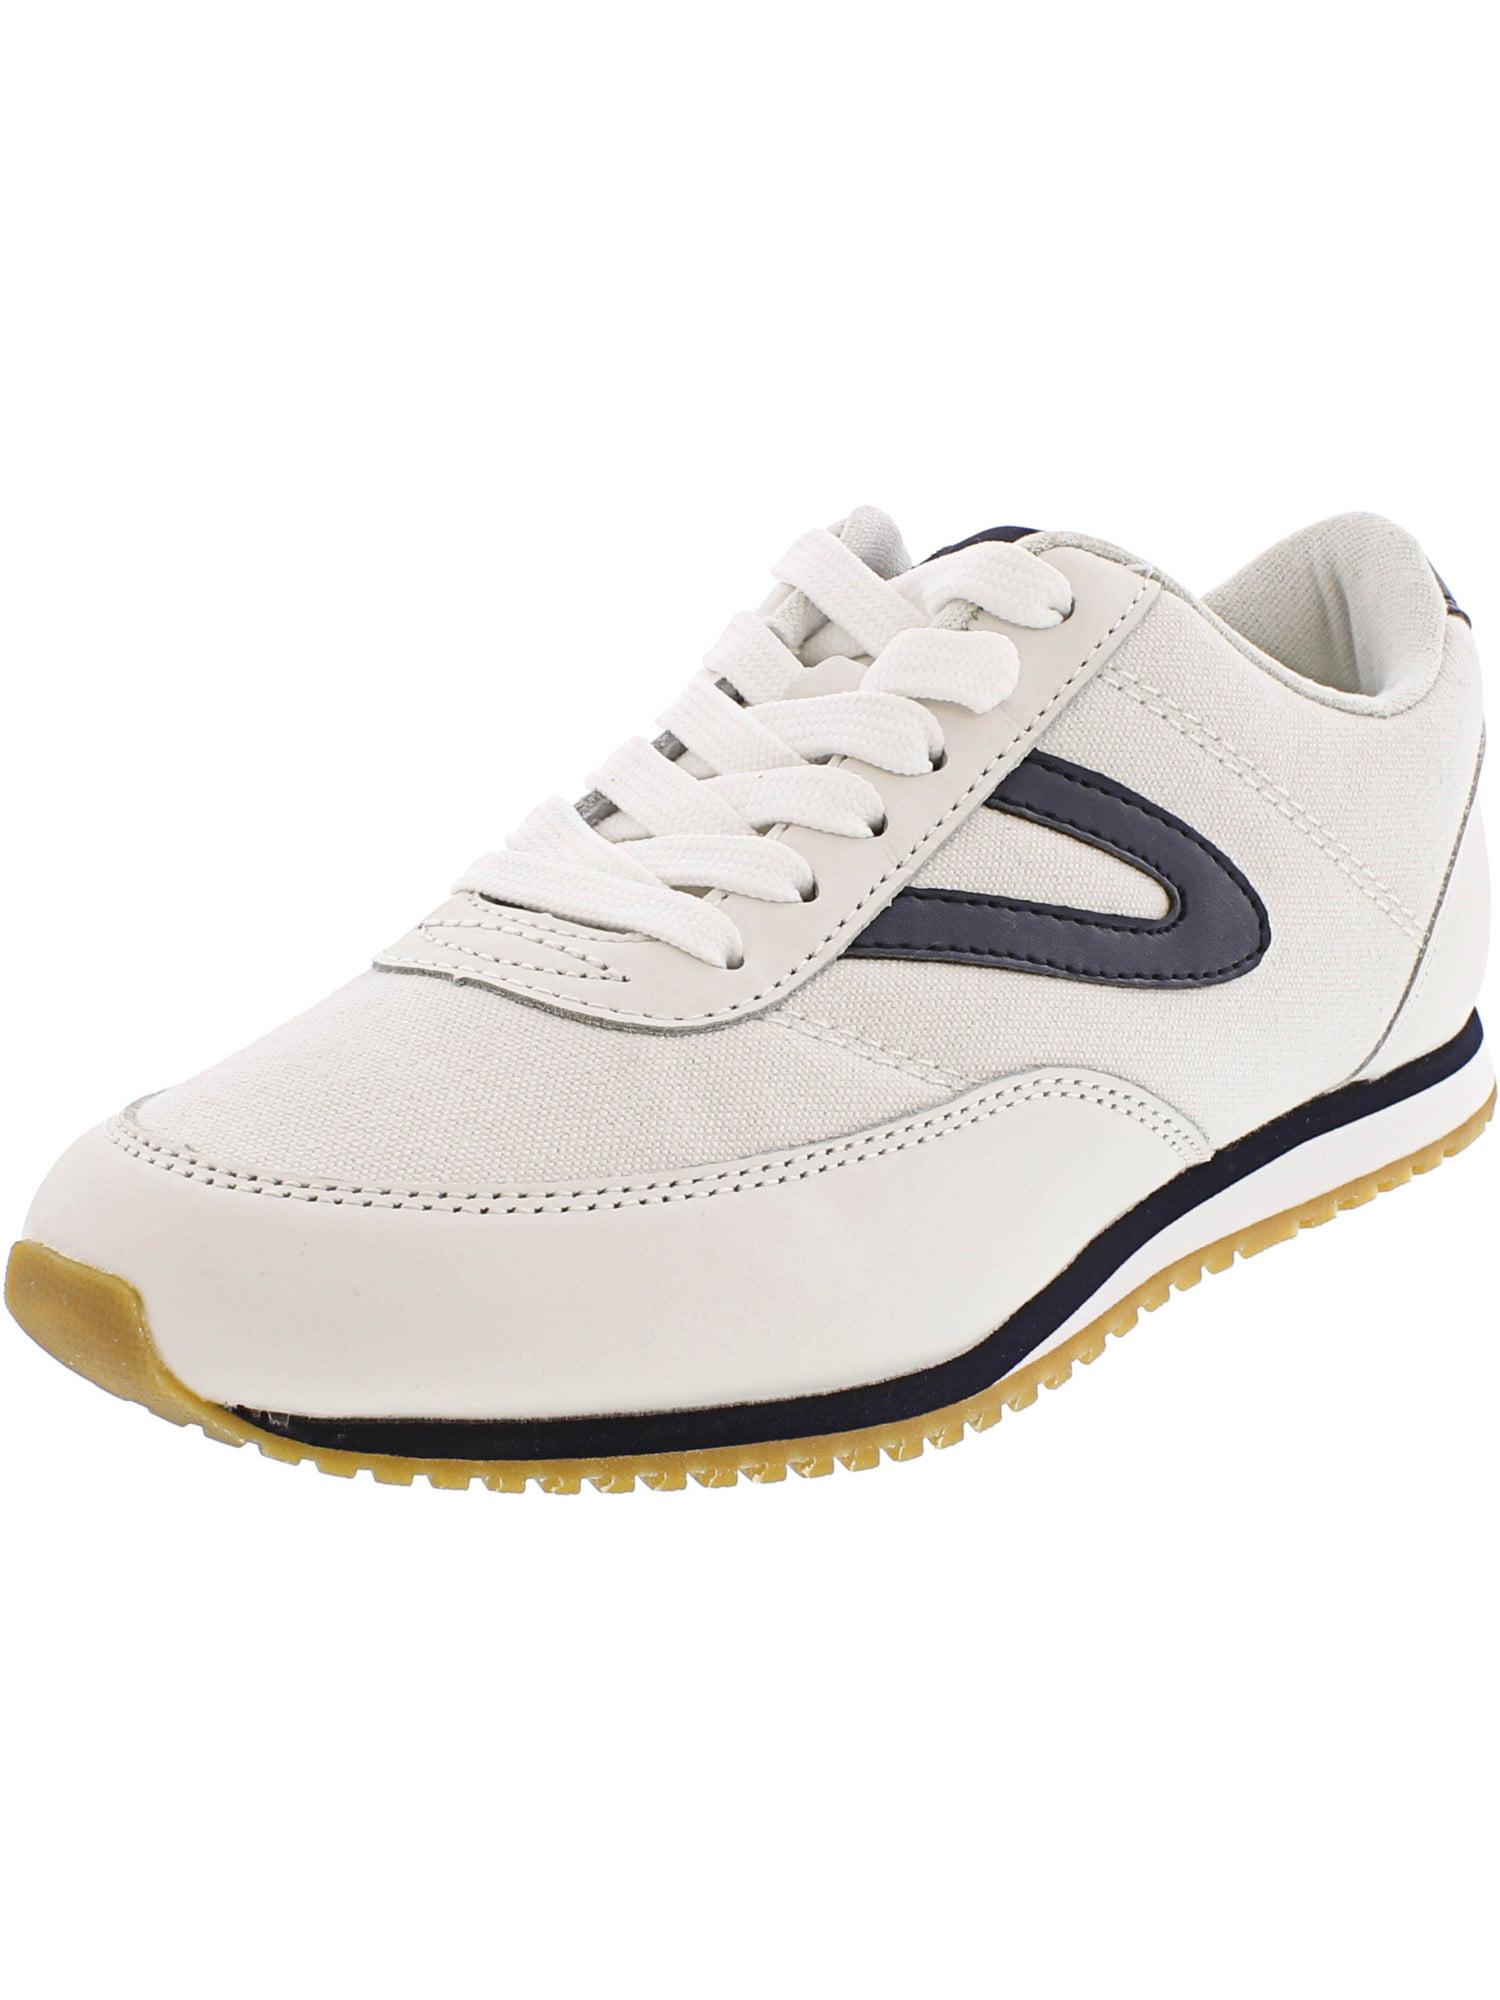 Tretorn Womens AVON2 Sneaker